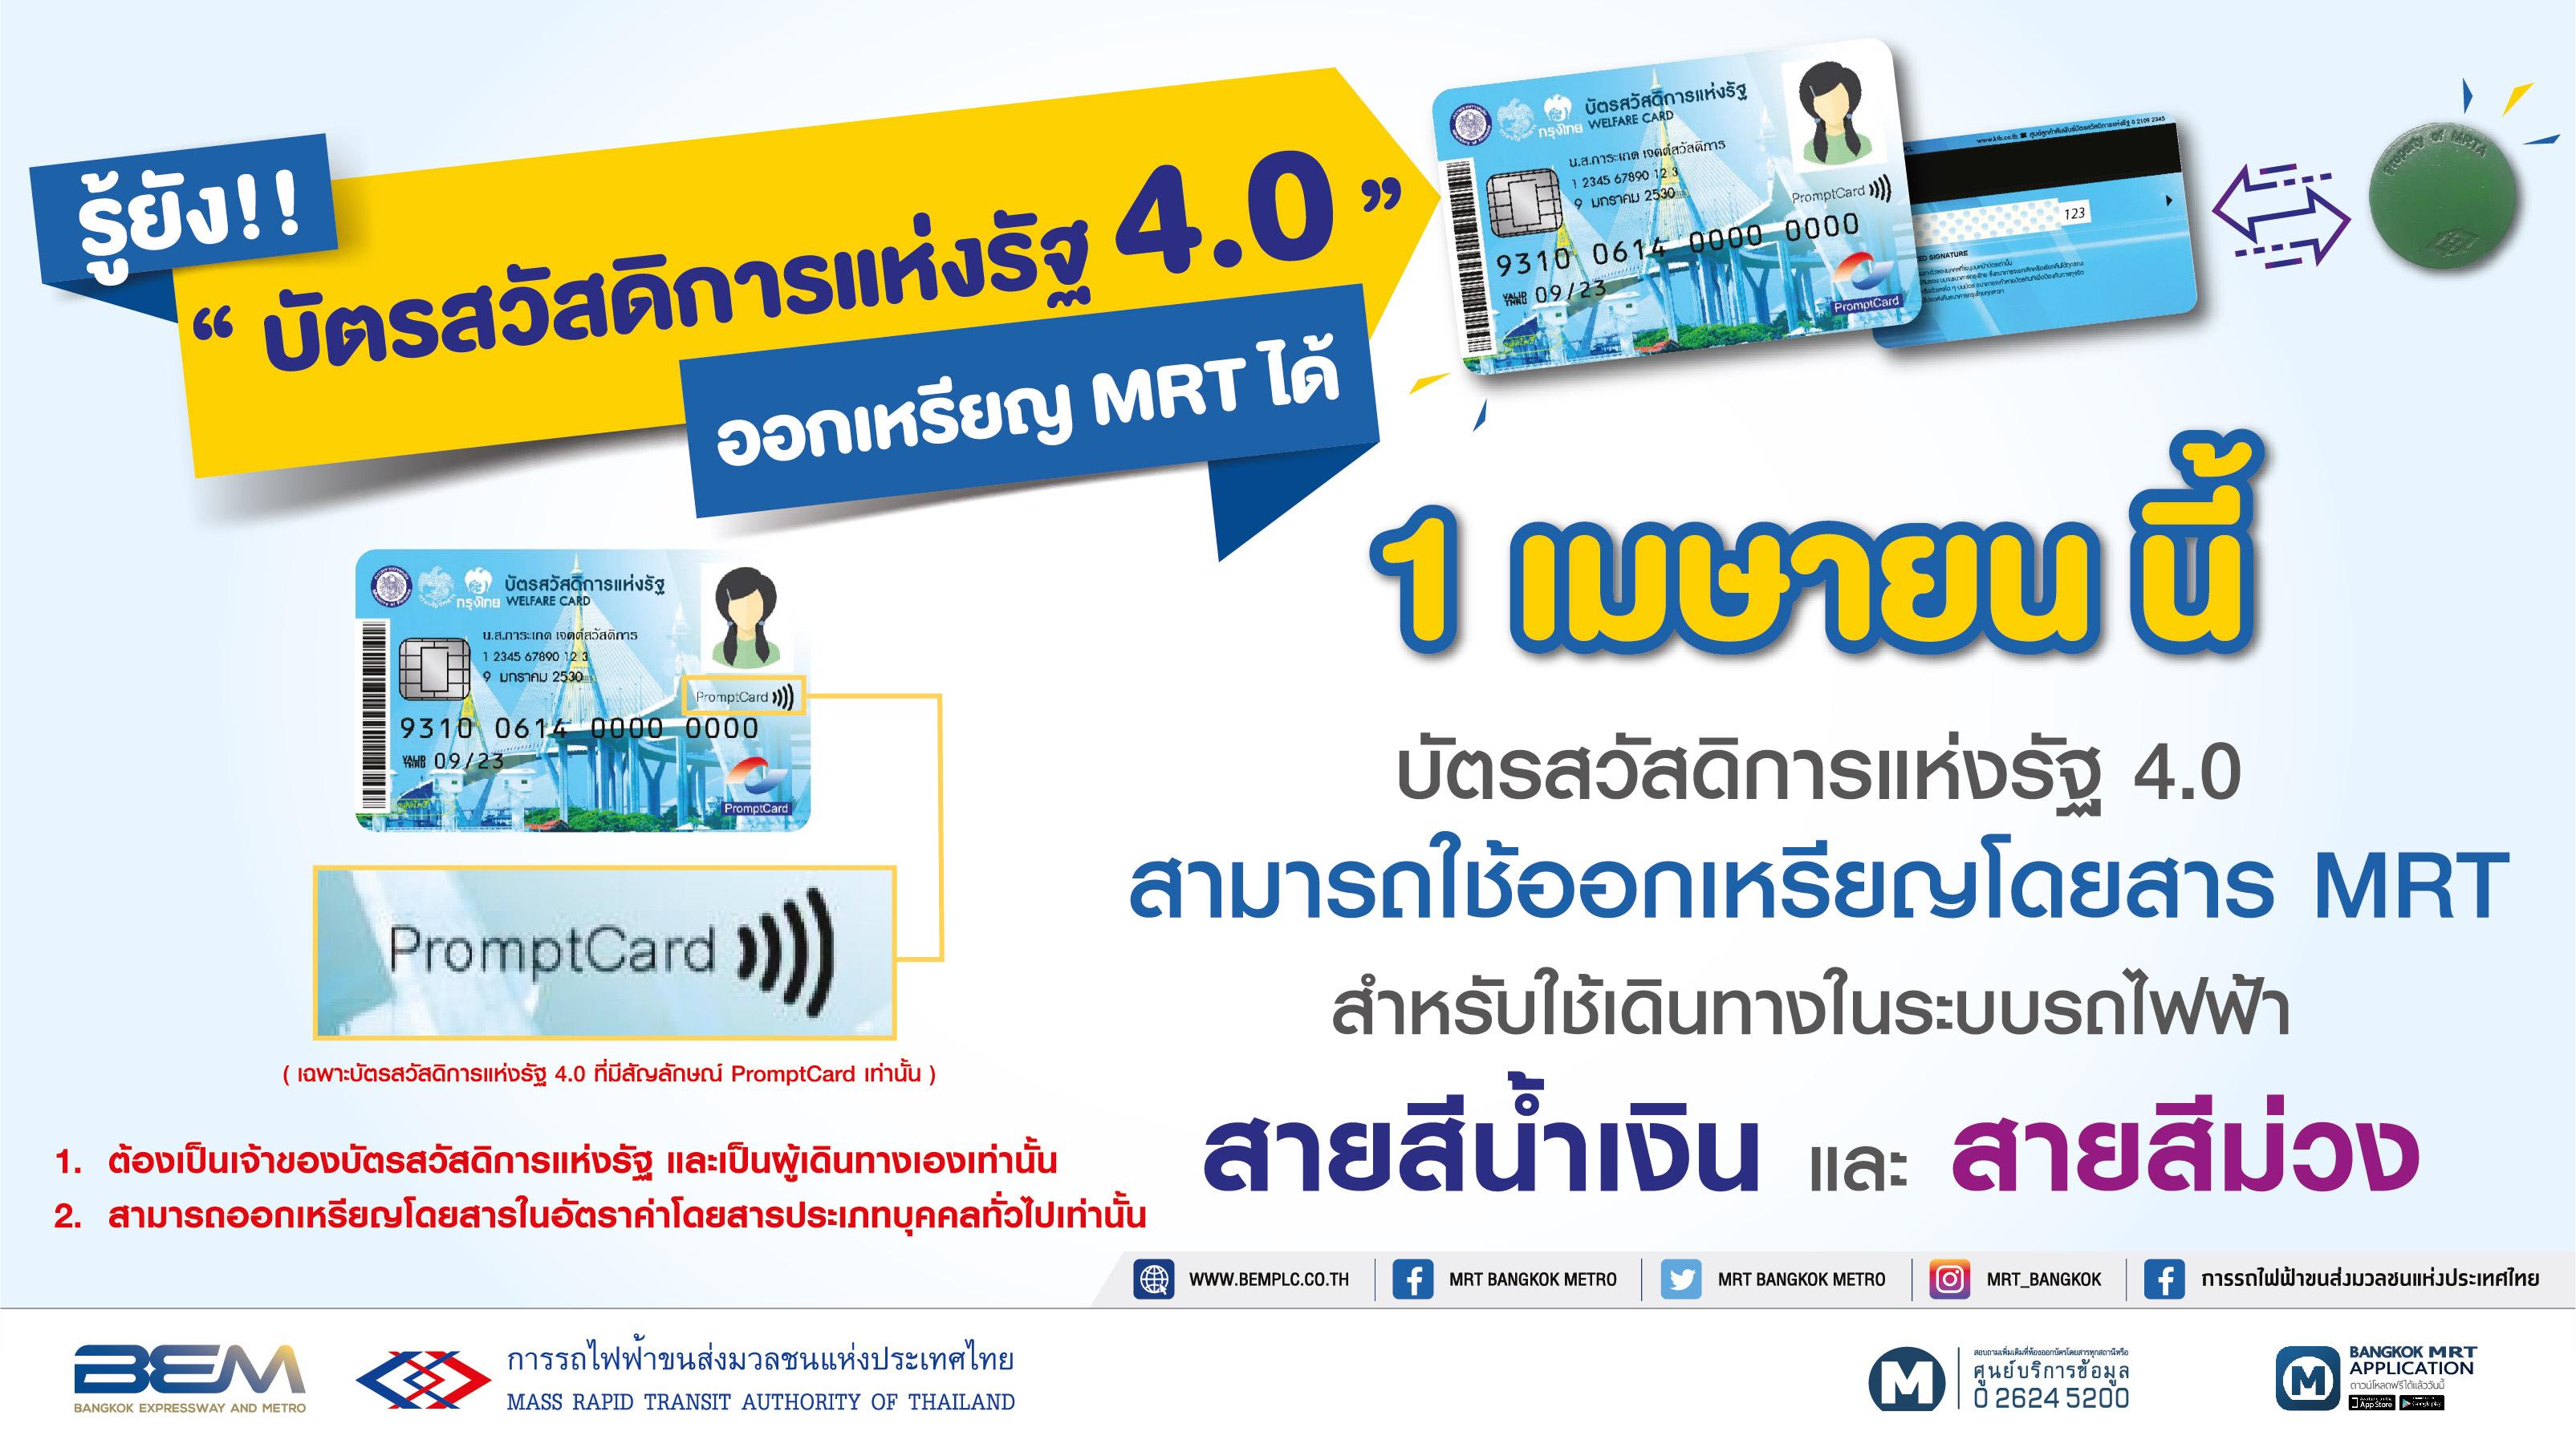 1 เม.ย.นี้ ใช้บัตรสวัสดิการแห่งรัฐออกเหรียญโดยสาร MRT ได้แล้ว